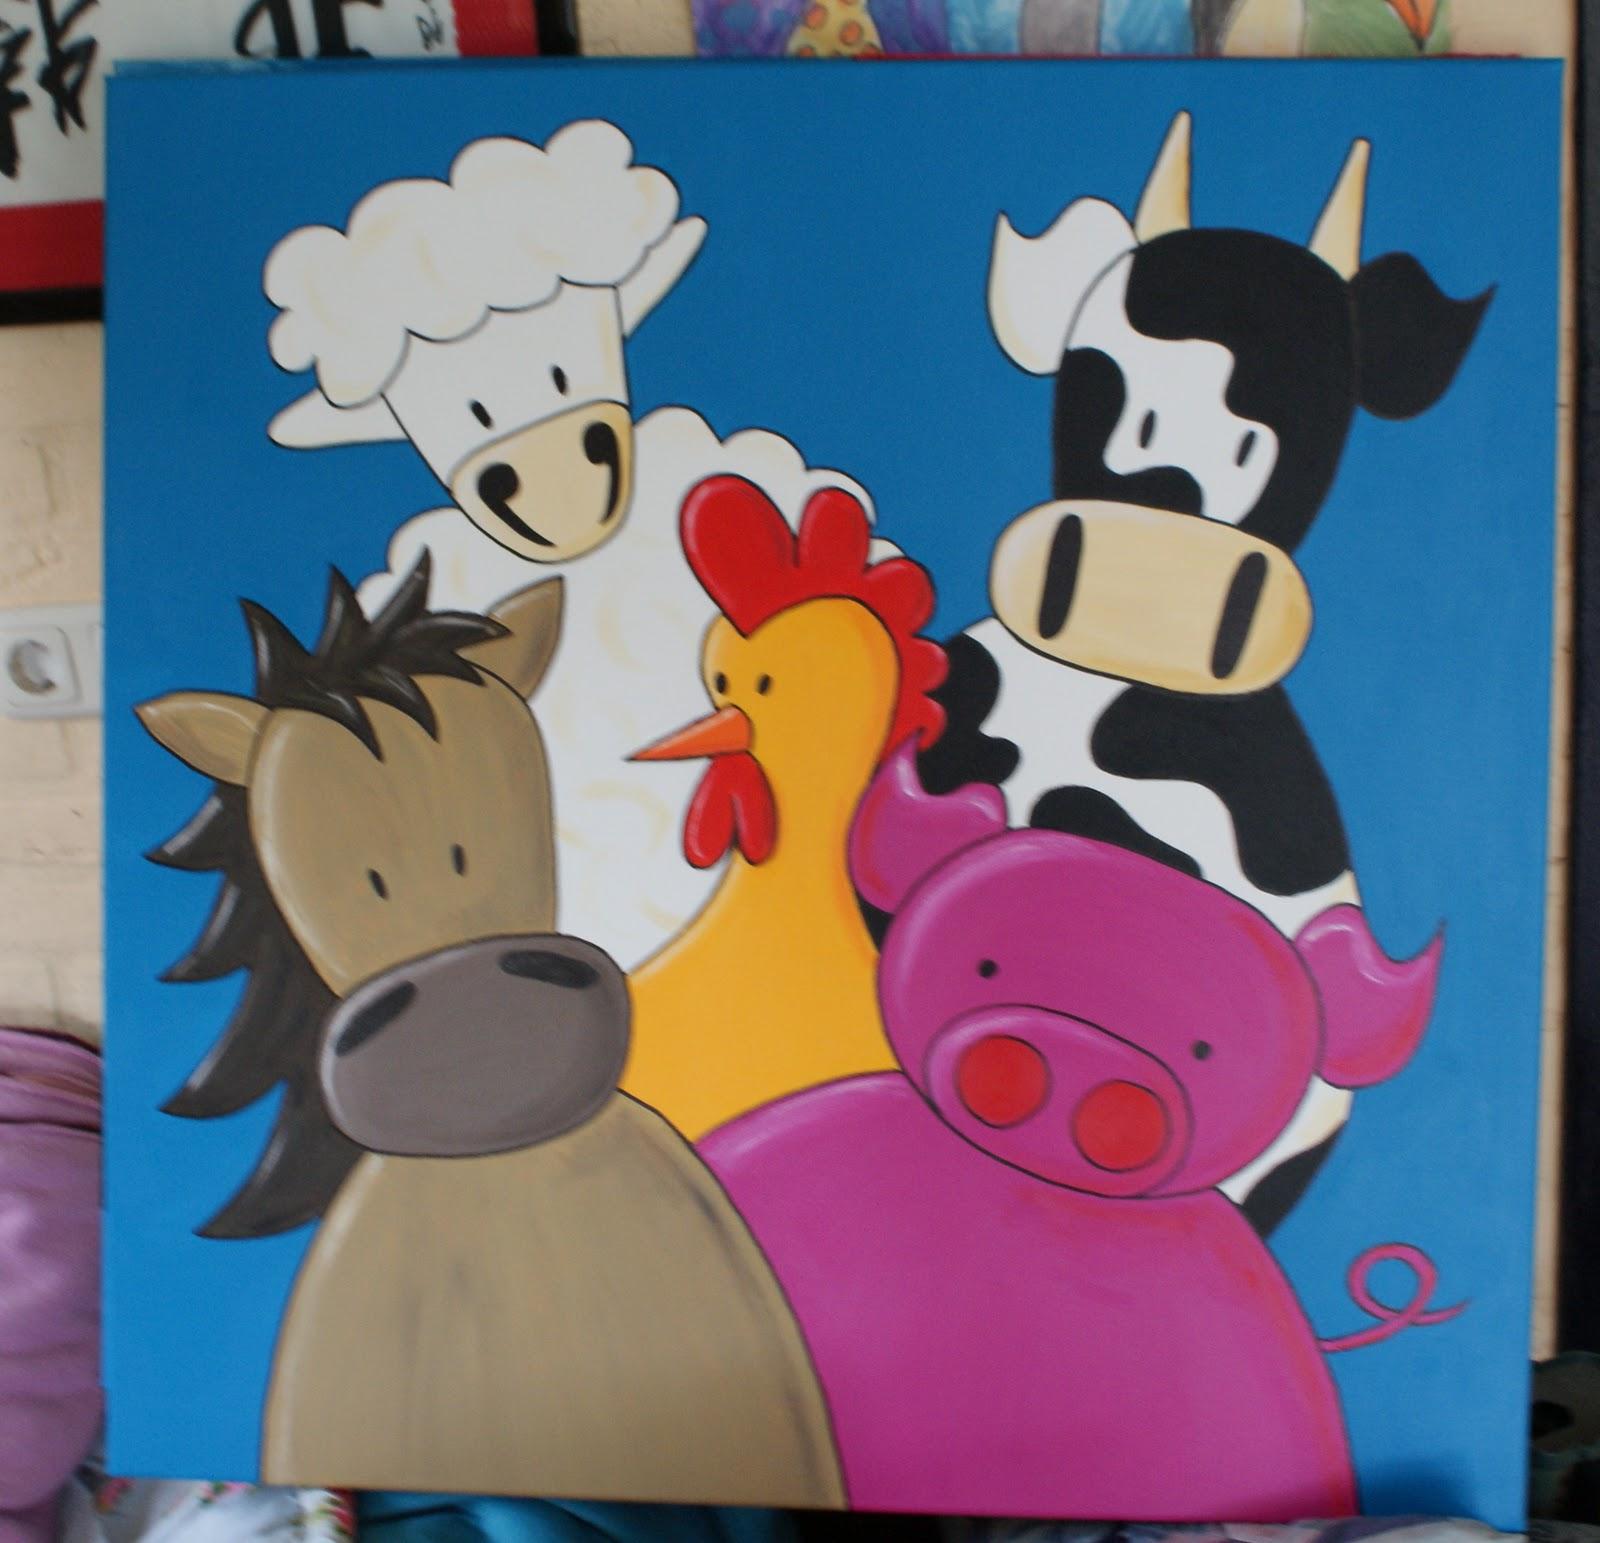 Bekend 8r1id & Bobbeez; wat is nieuw deze maand?: Schilderijen &KE69